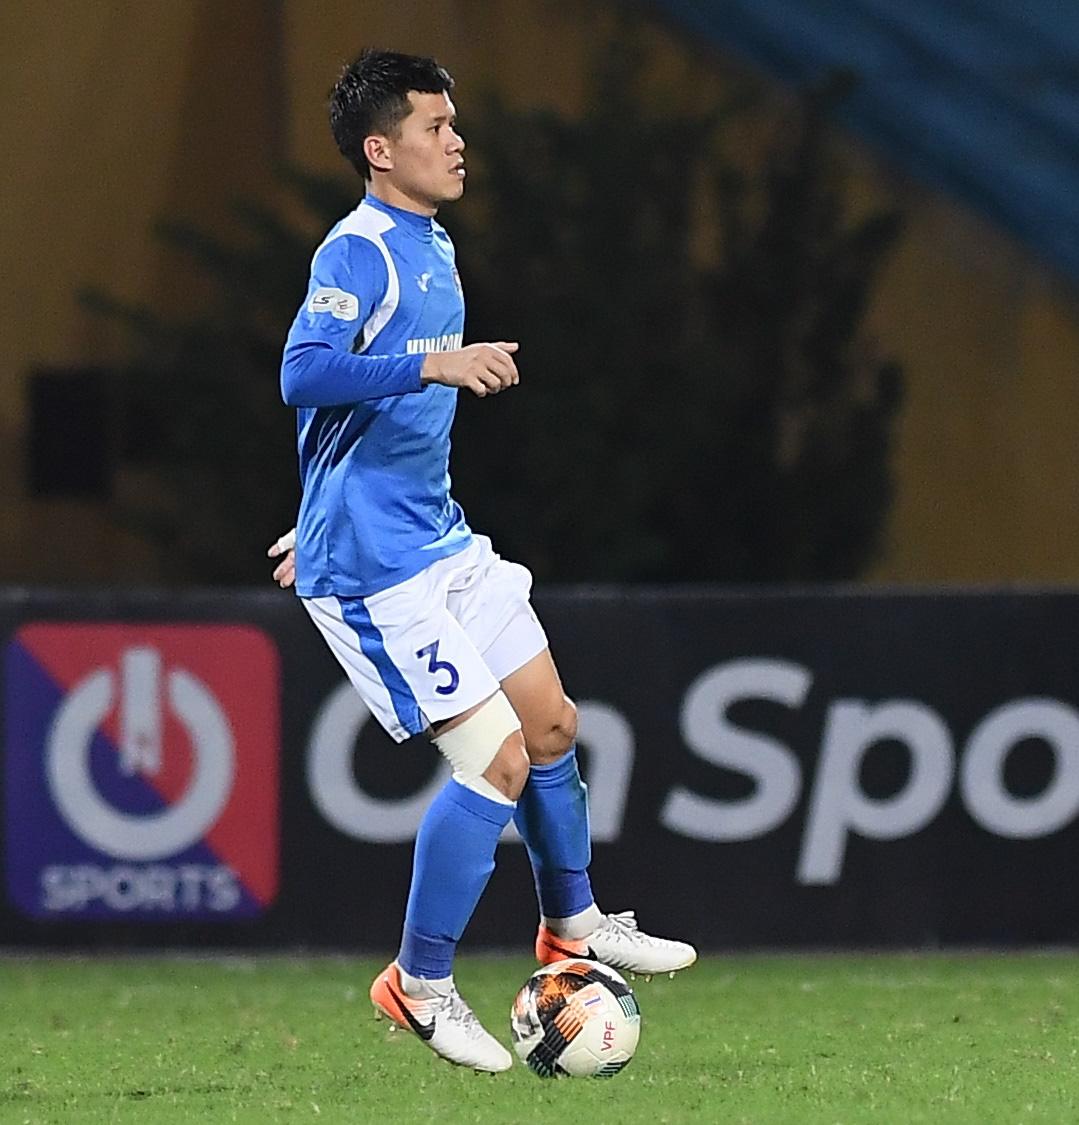 Cầu thủ điển trai được đề cử cho HLV Park Hang-seo khiến tất cả giật mình vì nằm ôm bụng dưới và cái kết thở phào - Ảnh 1.